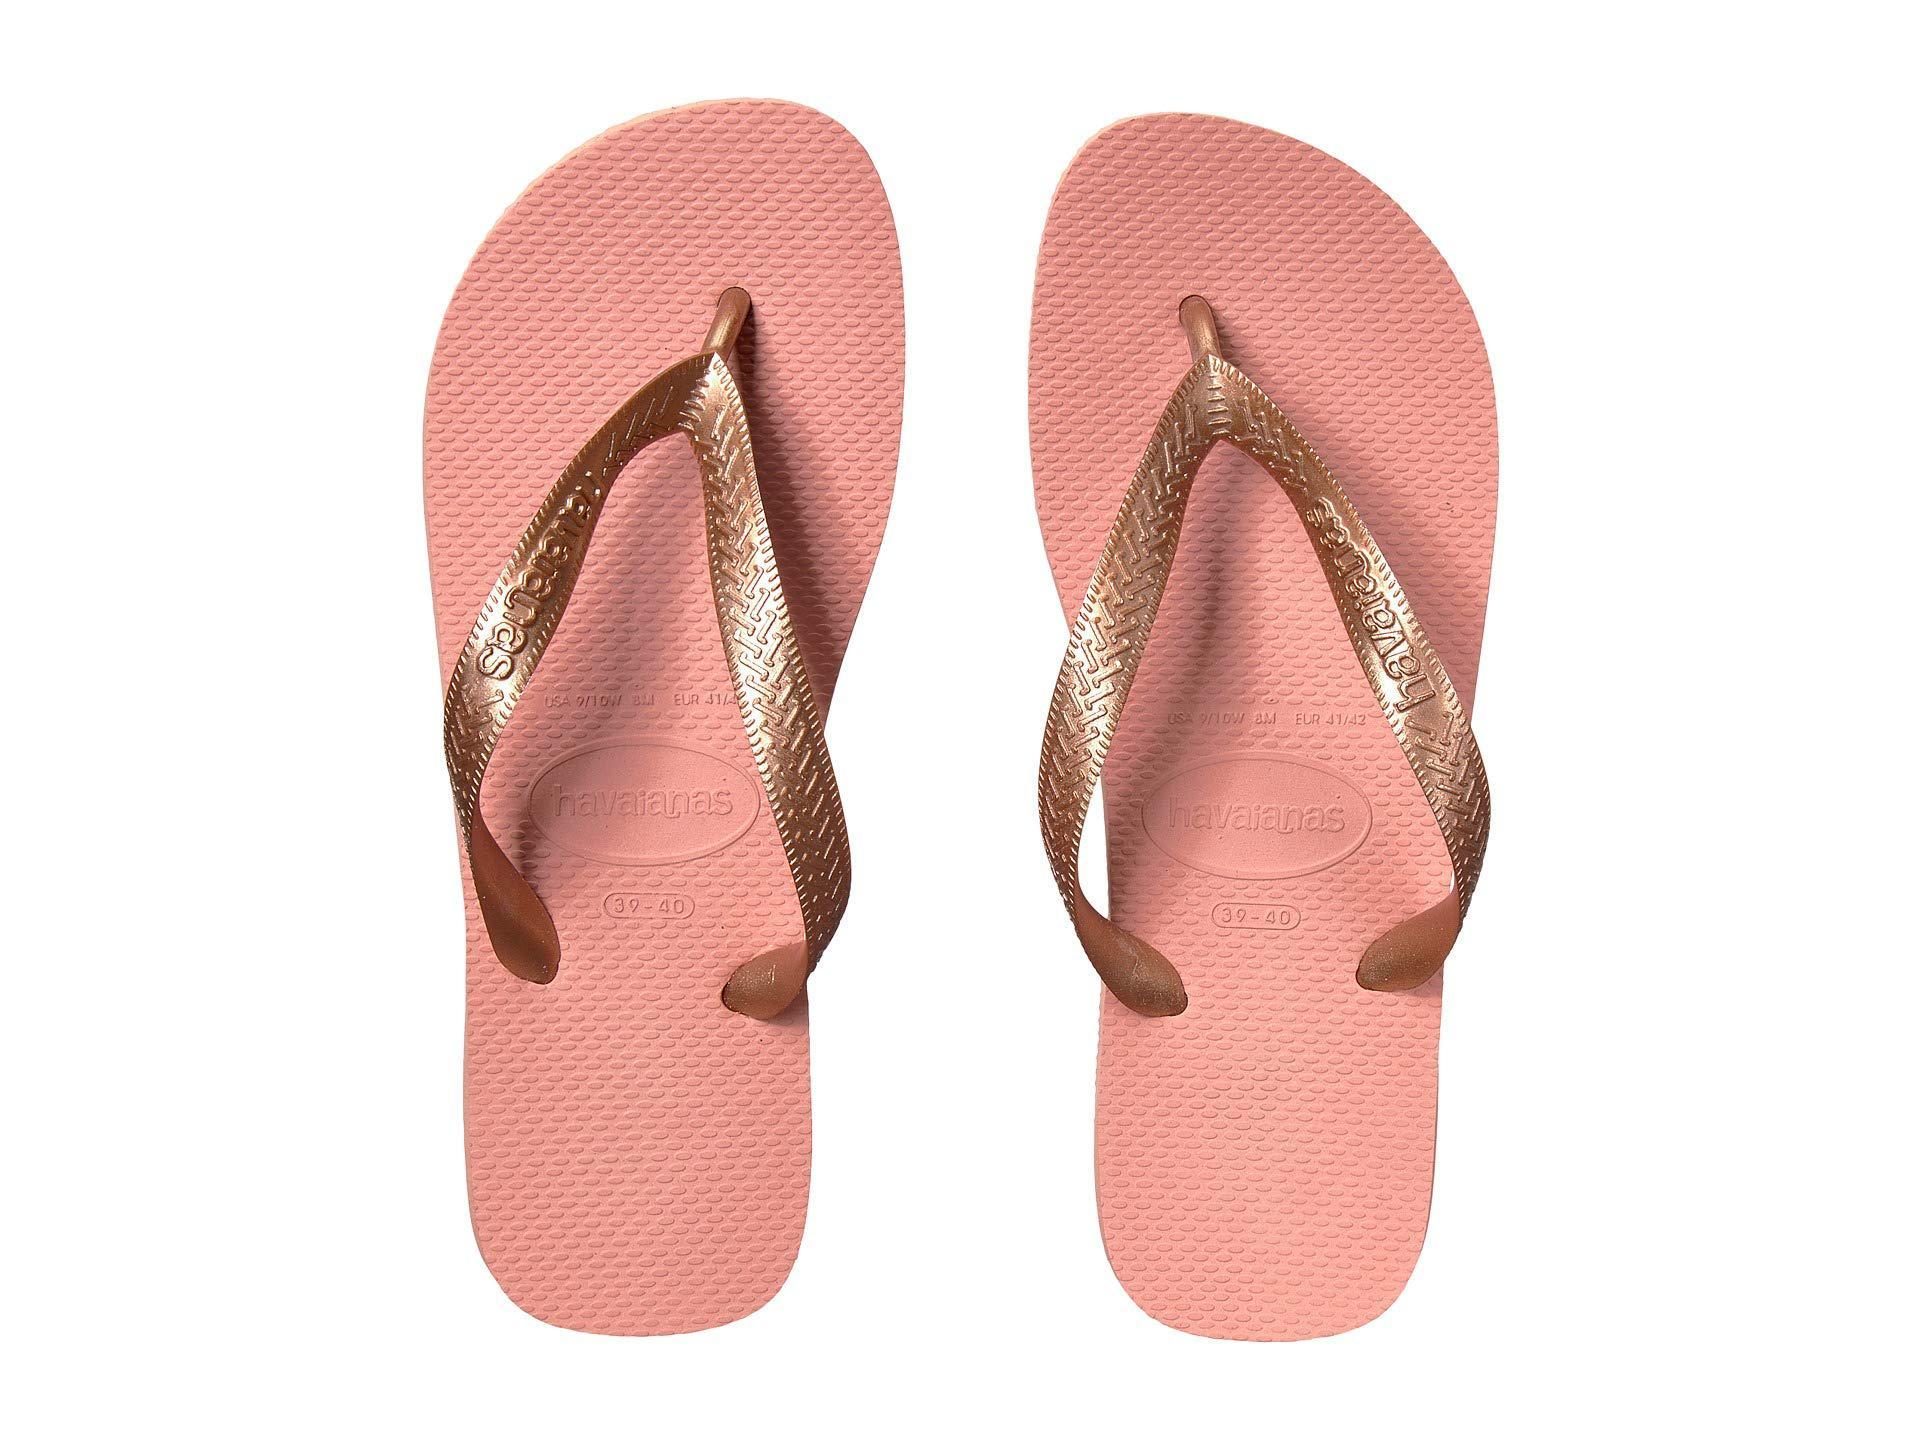 a509c62ac238 Lyst - Havaianas Top Tiras Flip-flops (rose Nude) Women s Sandals in ...